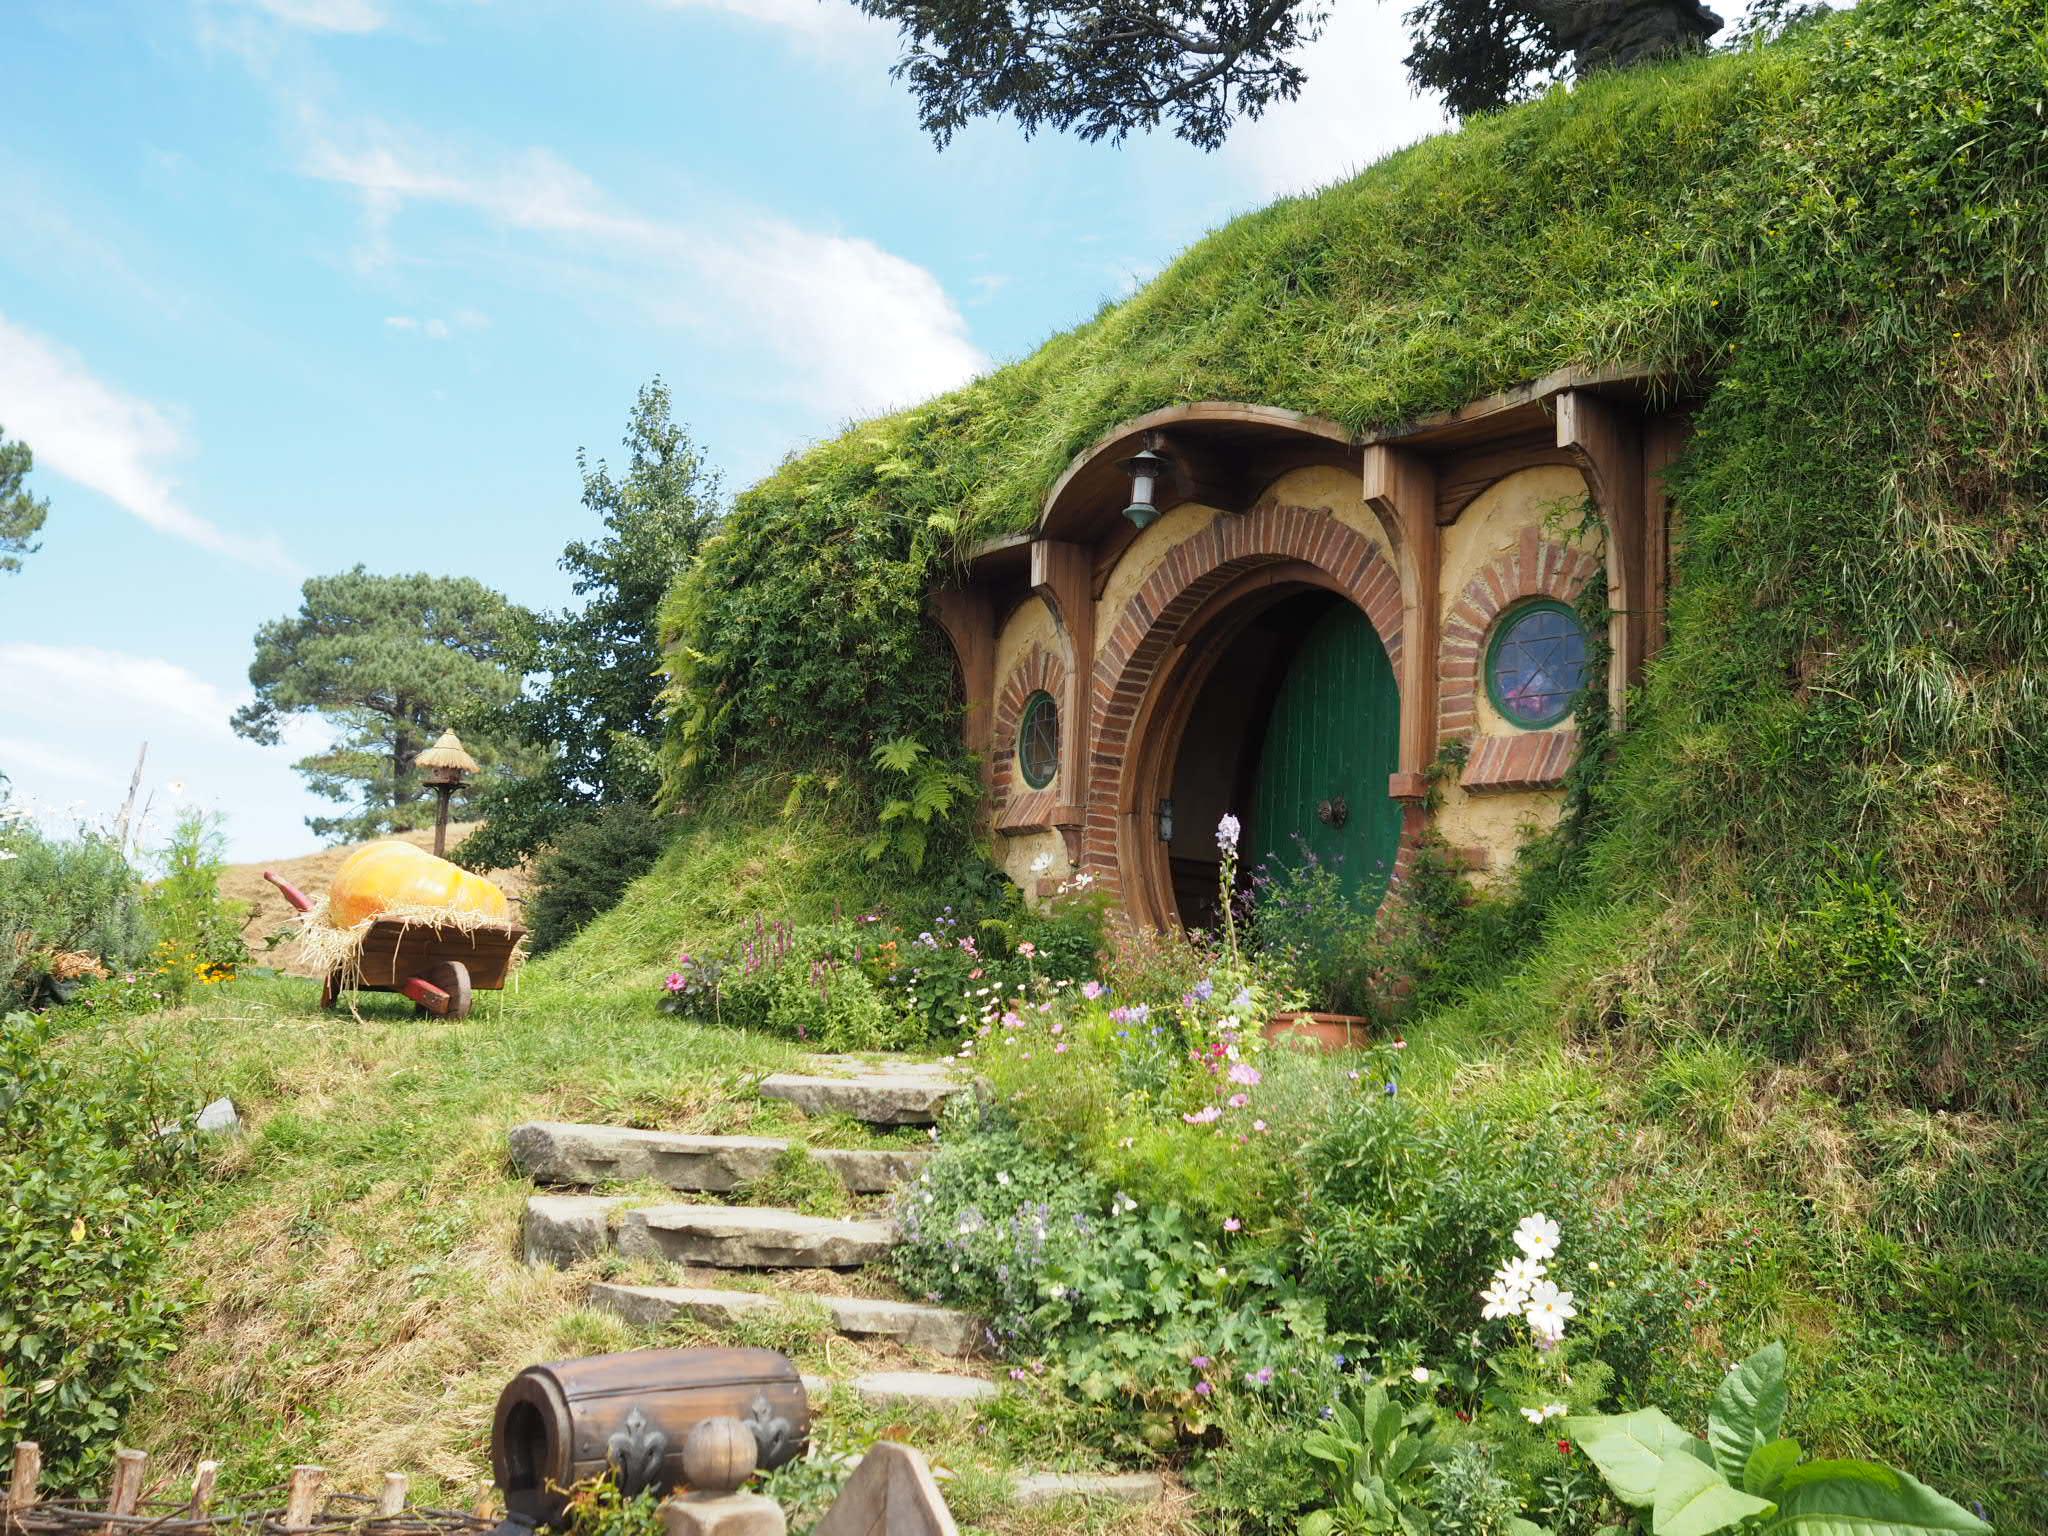 Day 2 & 3 - Hobbiton tour & Waitomo glowworm caves